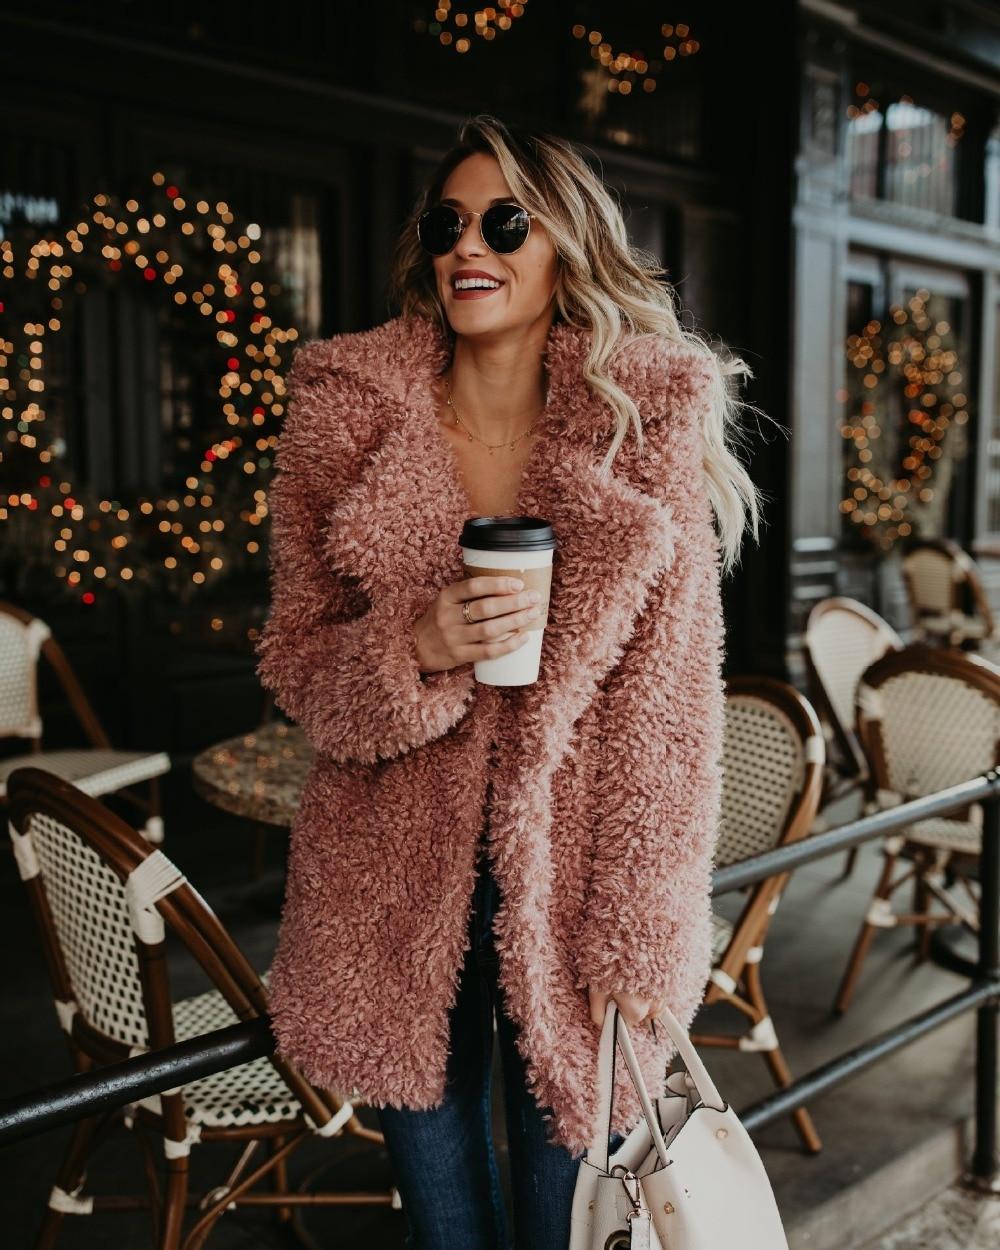 Winter Jacket Women 2019 Warm Faux Fur Teddy Coat Vintage Turn-down Collar Fur Furry Bomber Jacket Outerwear Plus Size Overcoat